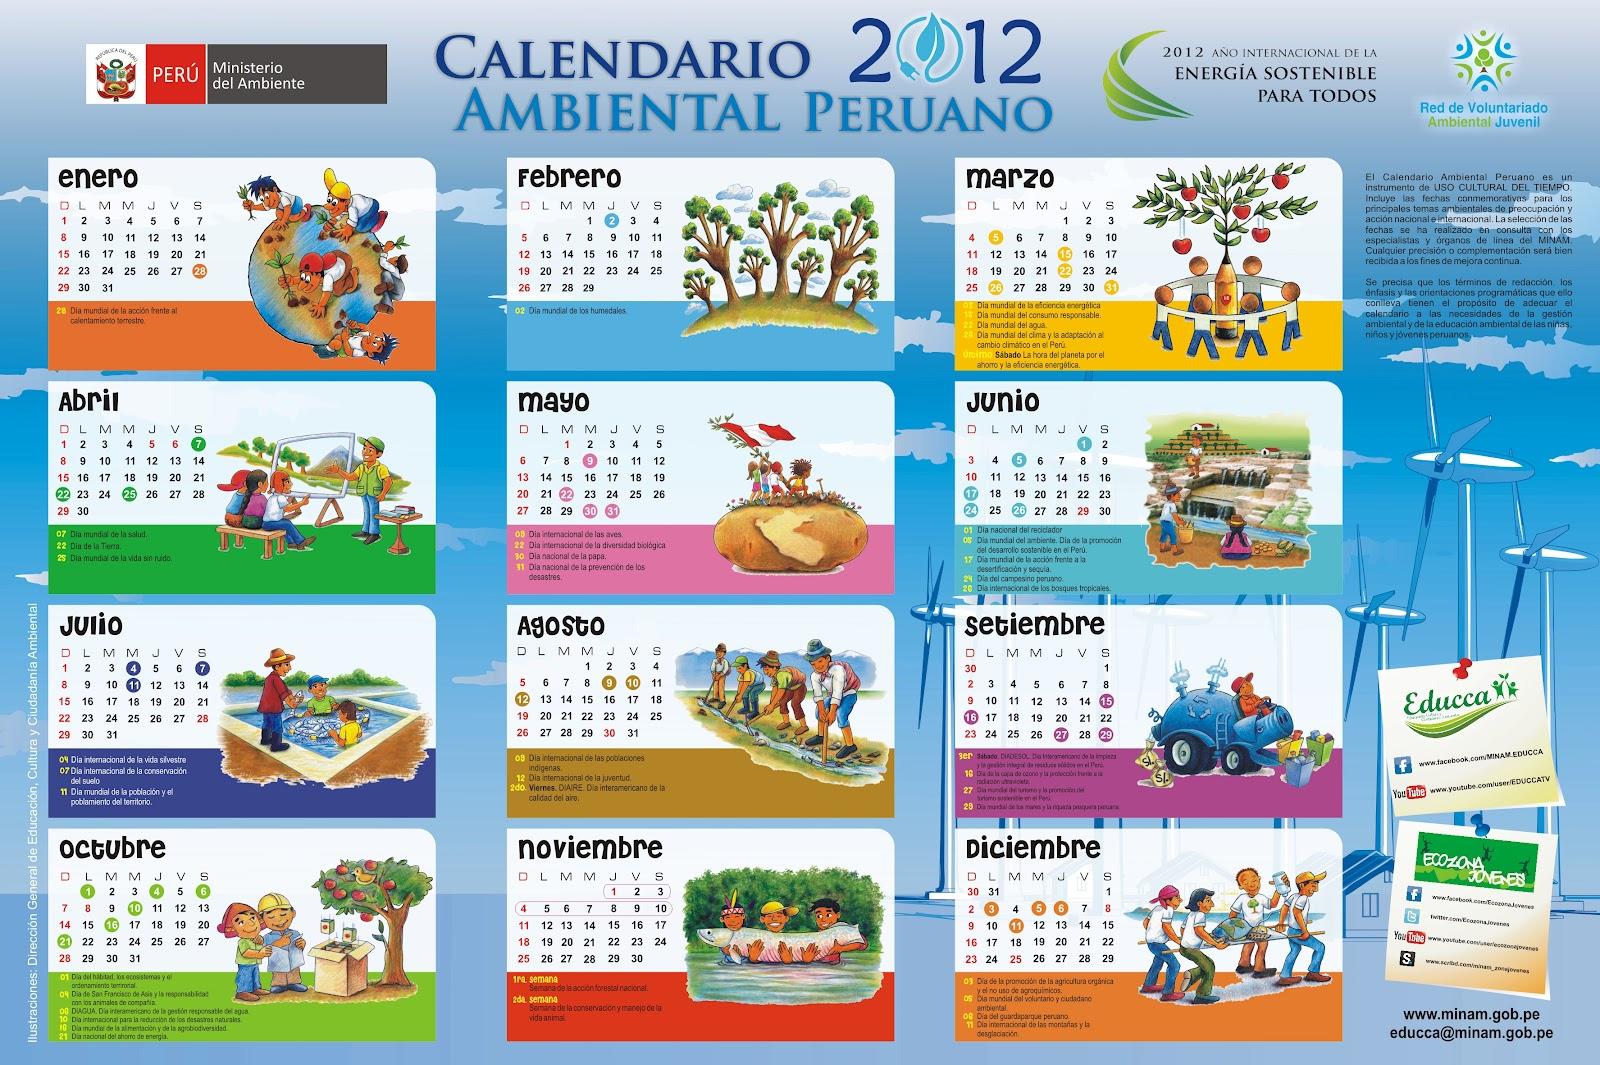 c27dc2720 CULTURA AMBIENTAL  CALENDARIO AMBIENTAL 2012